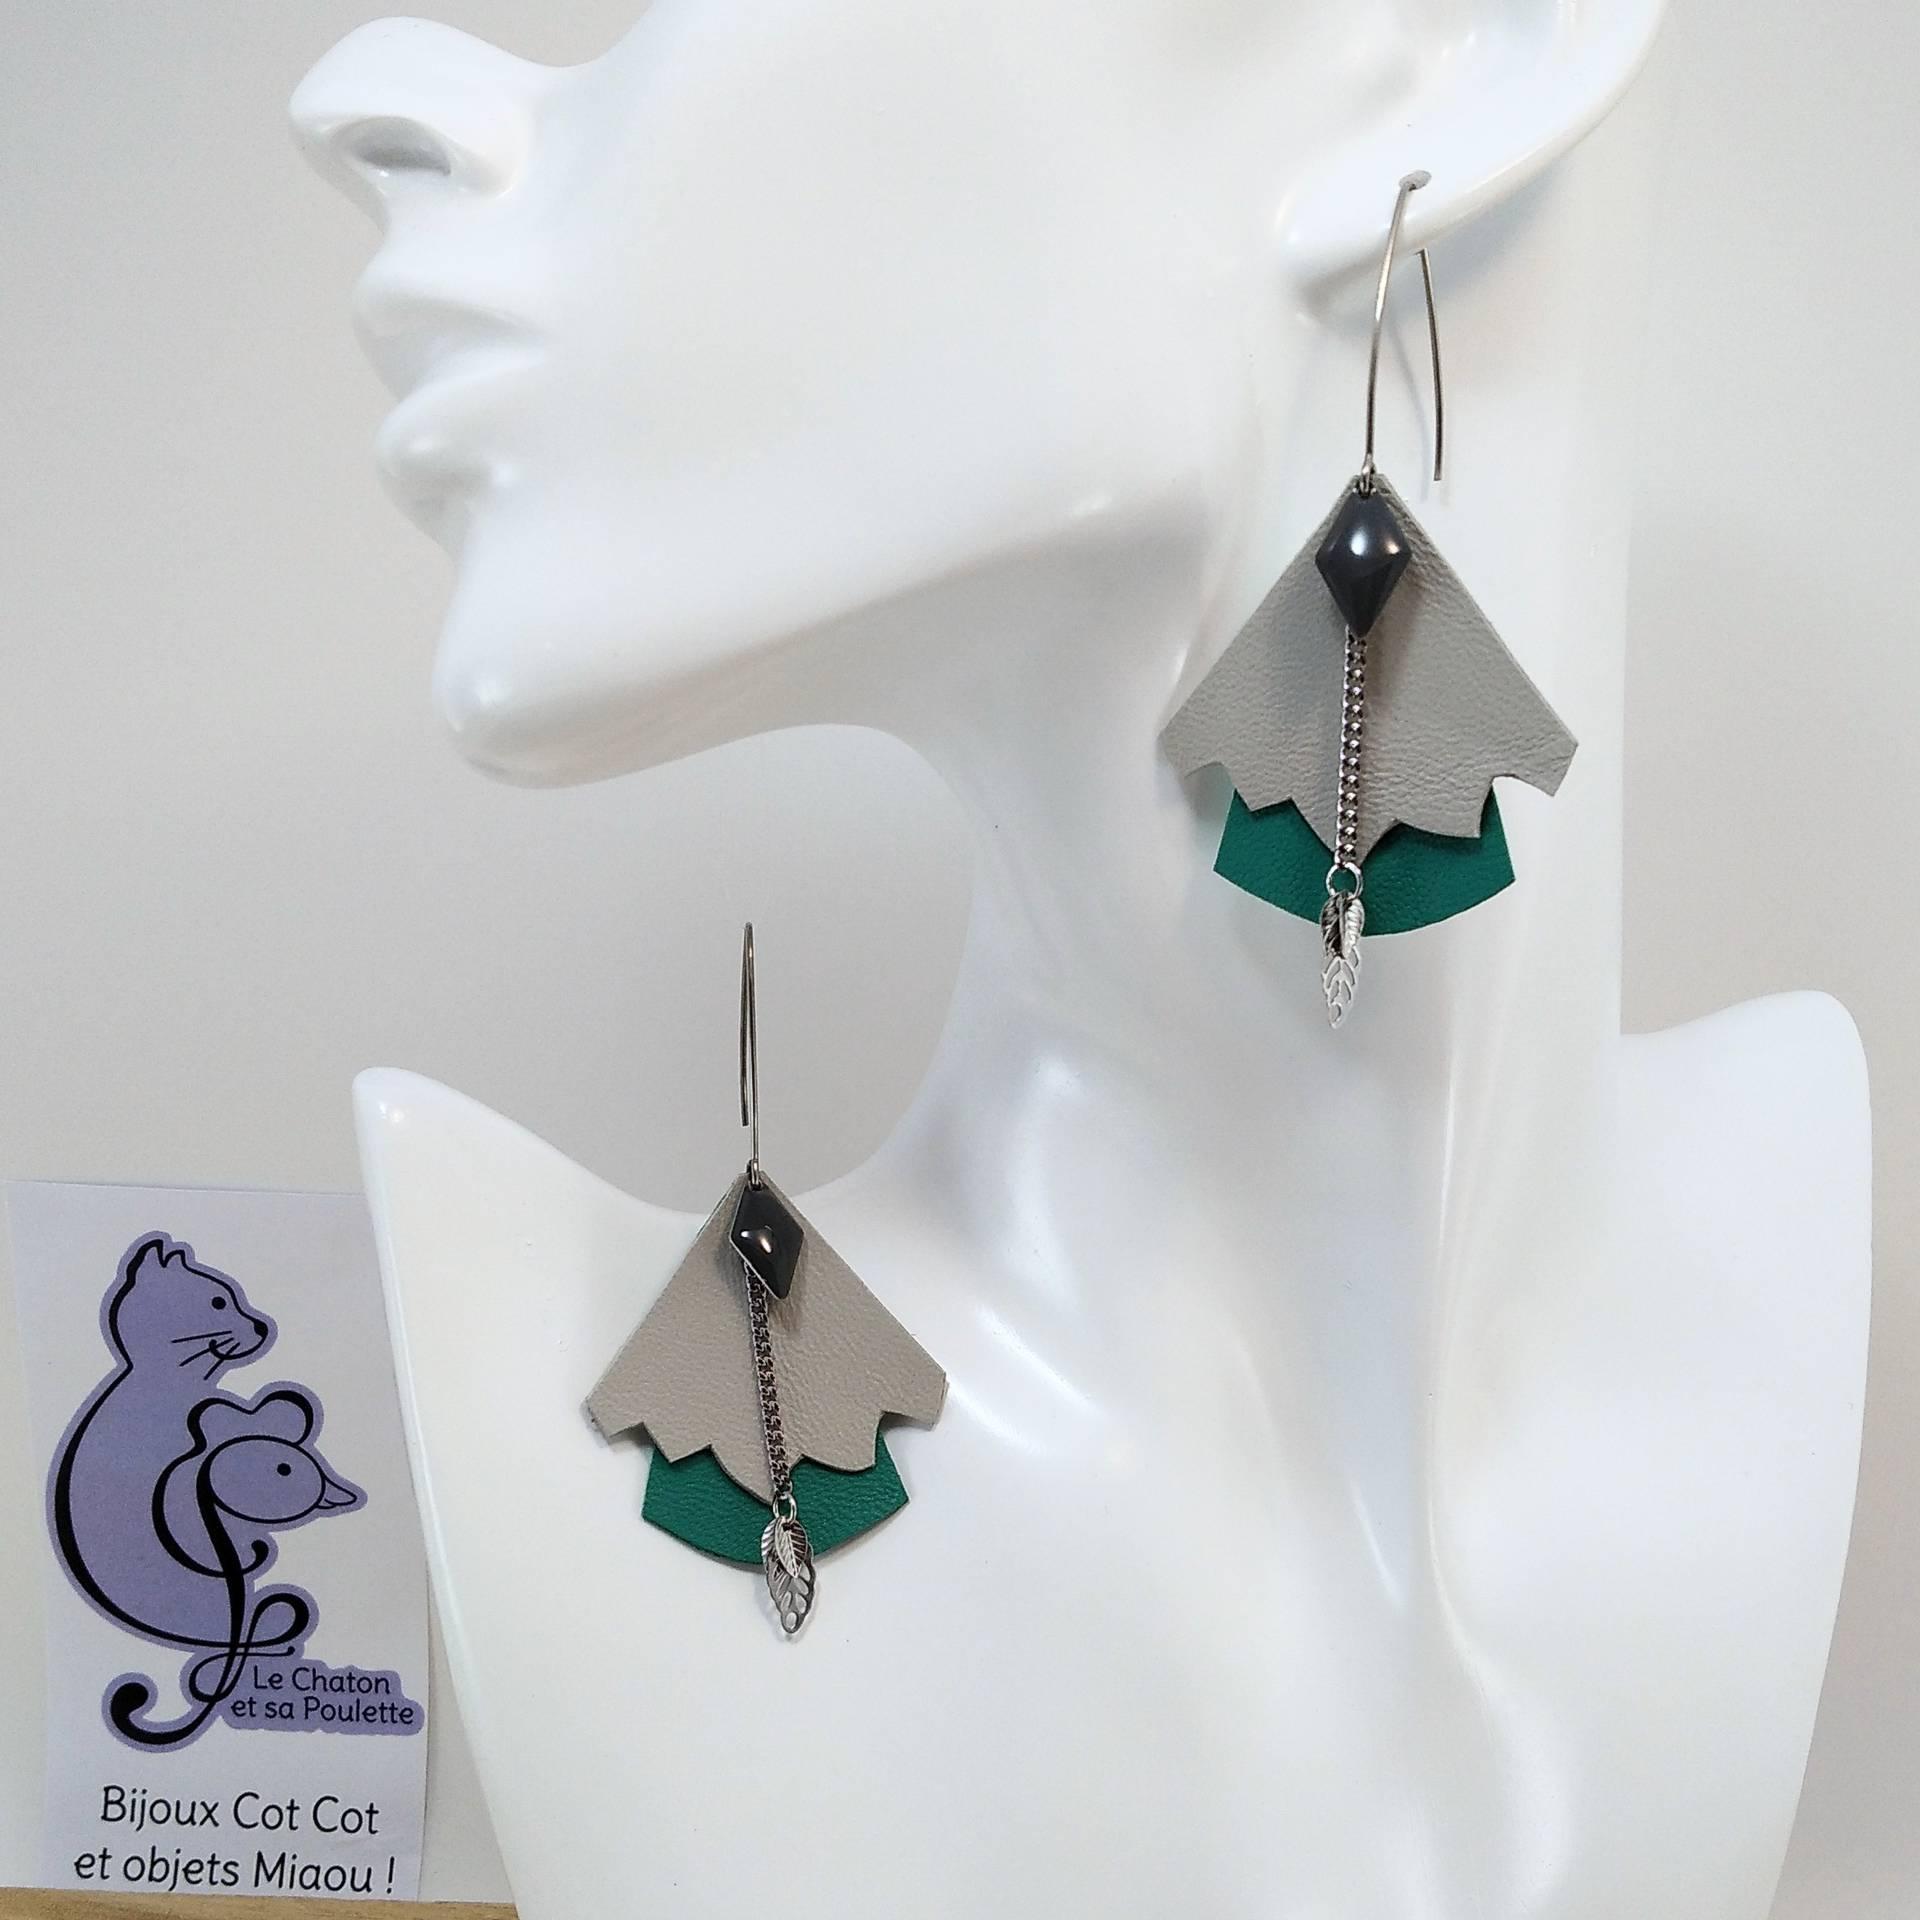 BO FORMIDABLE modèle n°5 Cuirs gris clair et vert prasin, breloque diamant gris